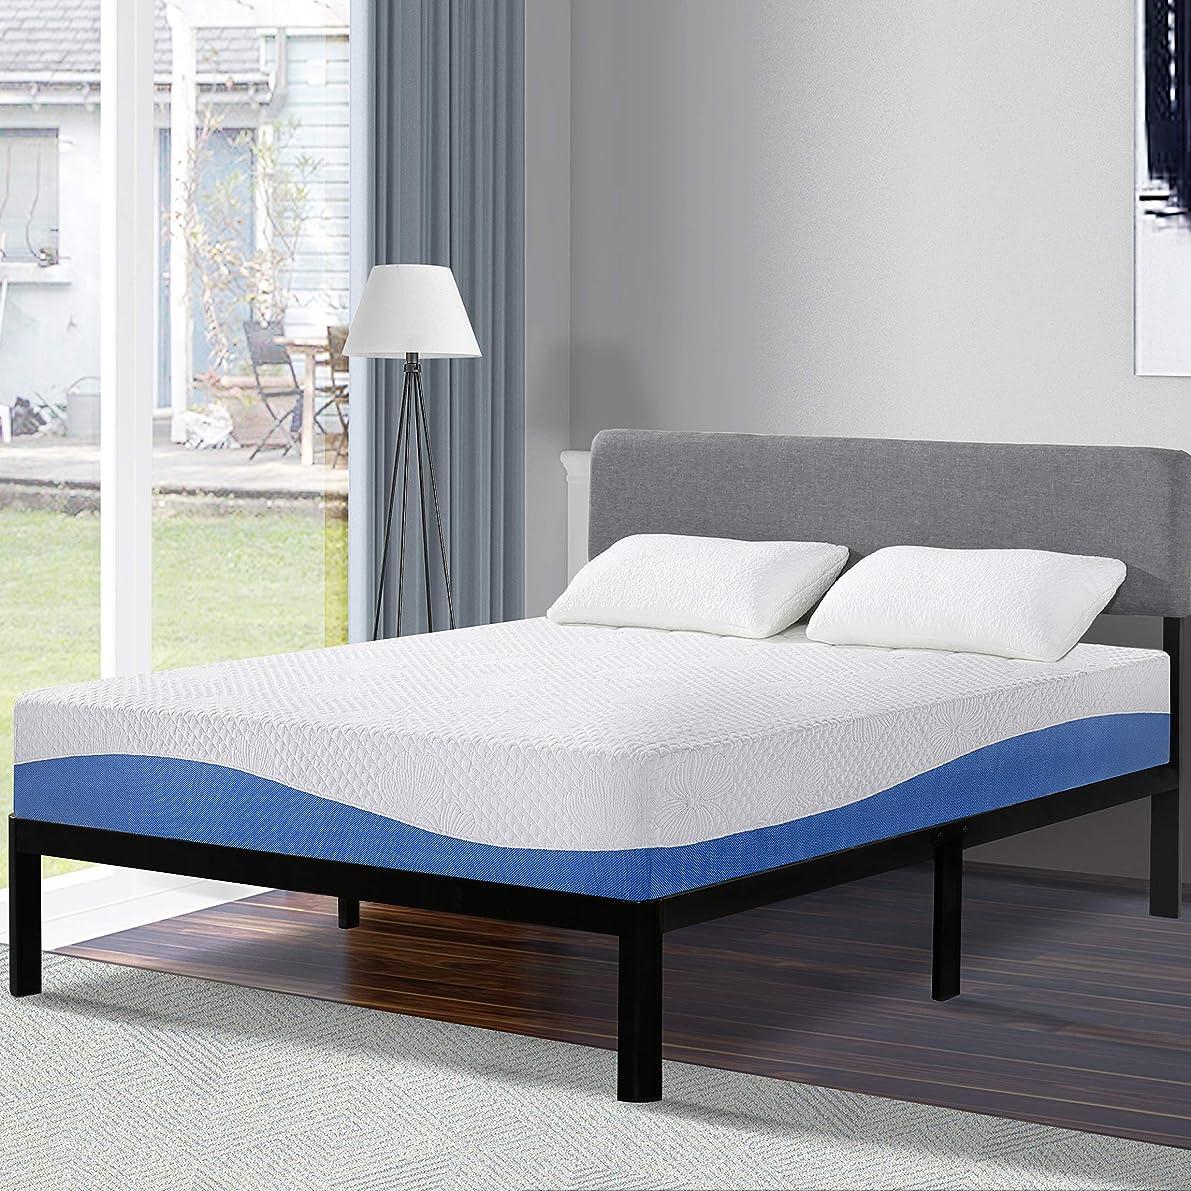 Olee Sleep 10 Inch Gel Infused Layer Top Memory Foam Mattress Blue, Full